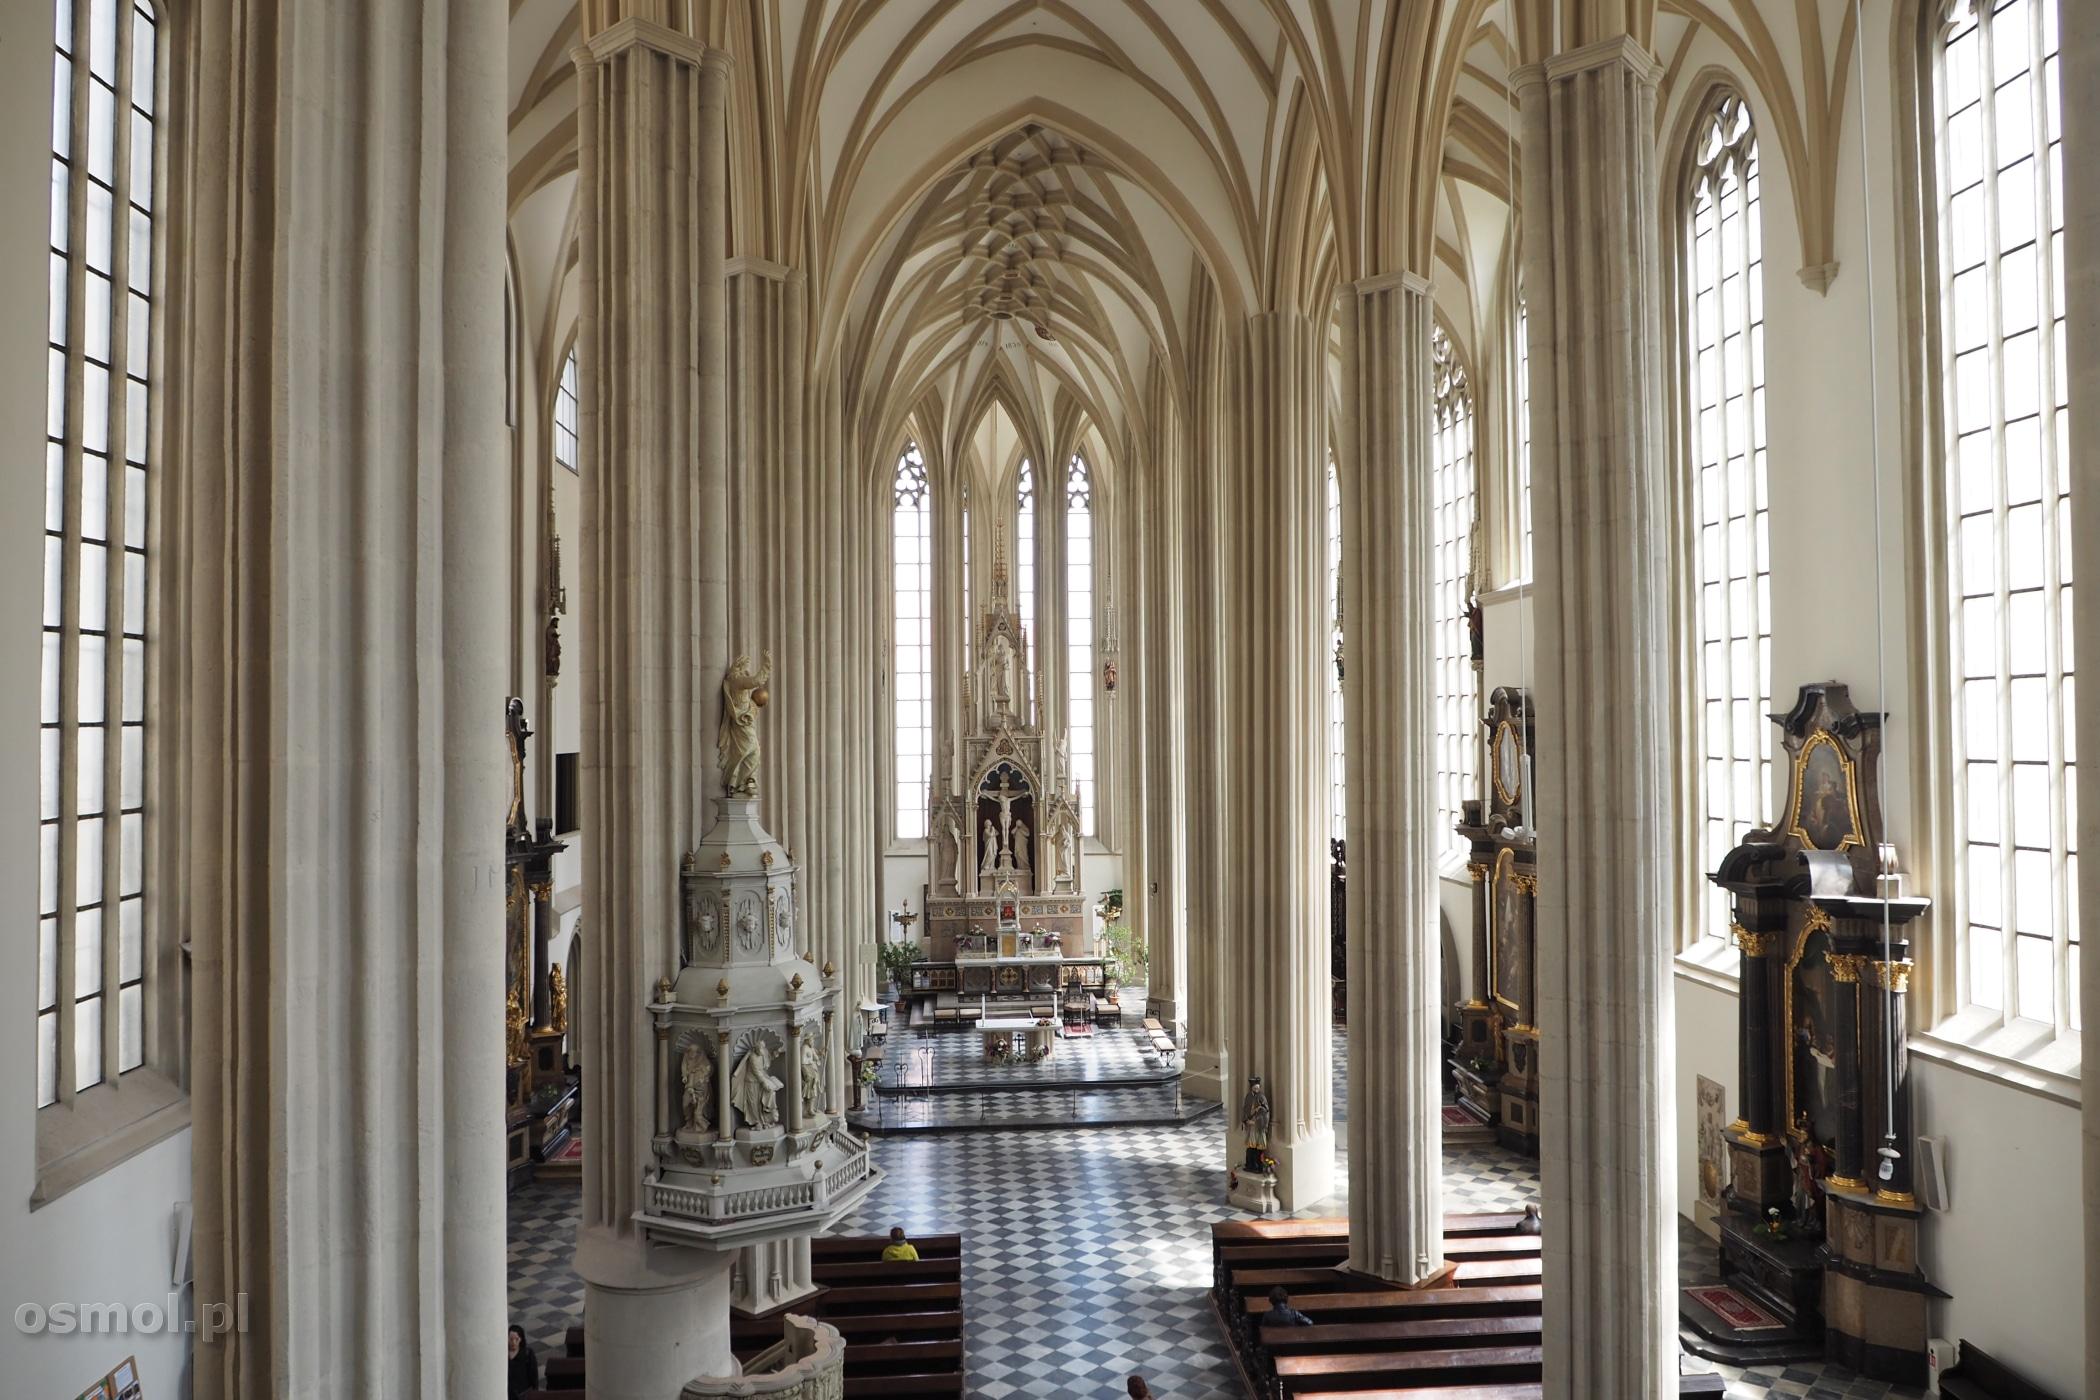 Kościół świętego Jakuba w Brnie